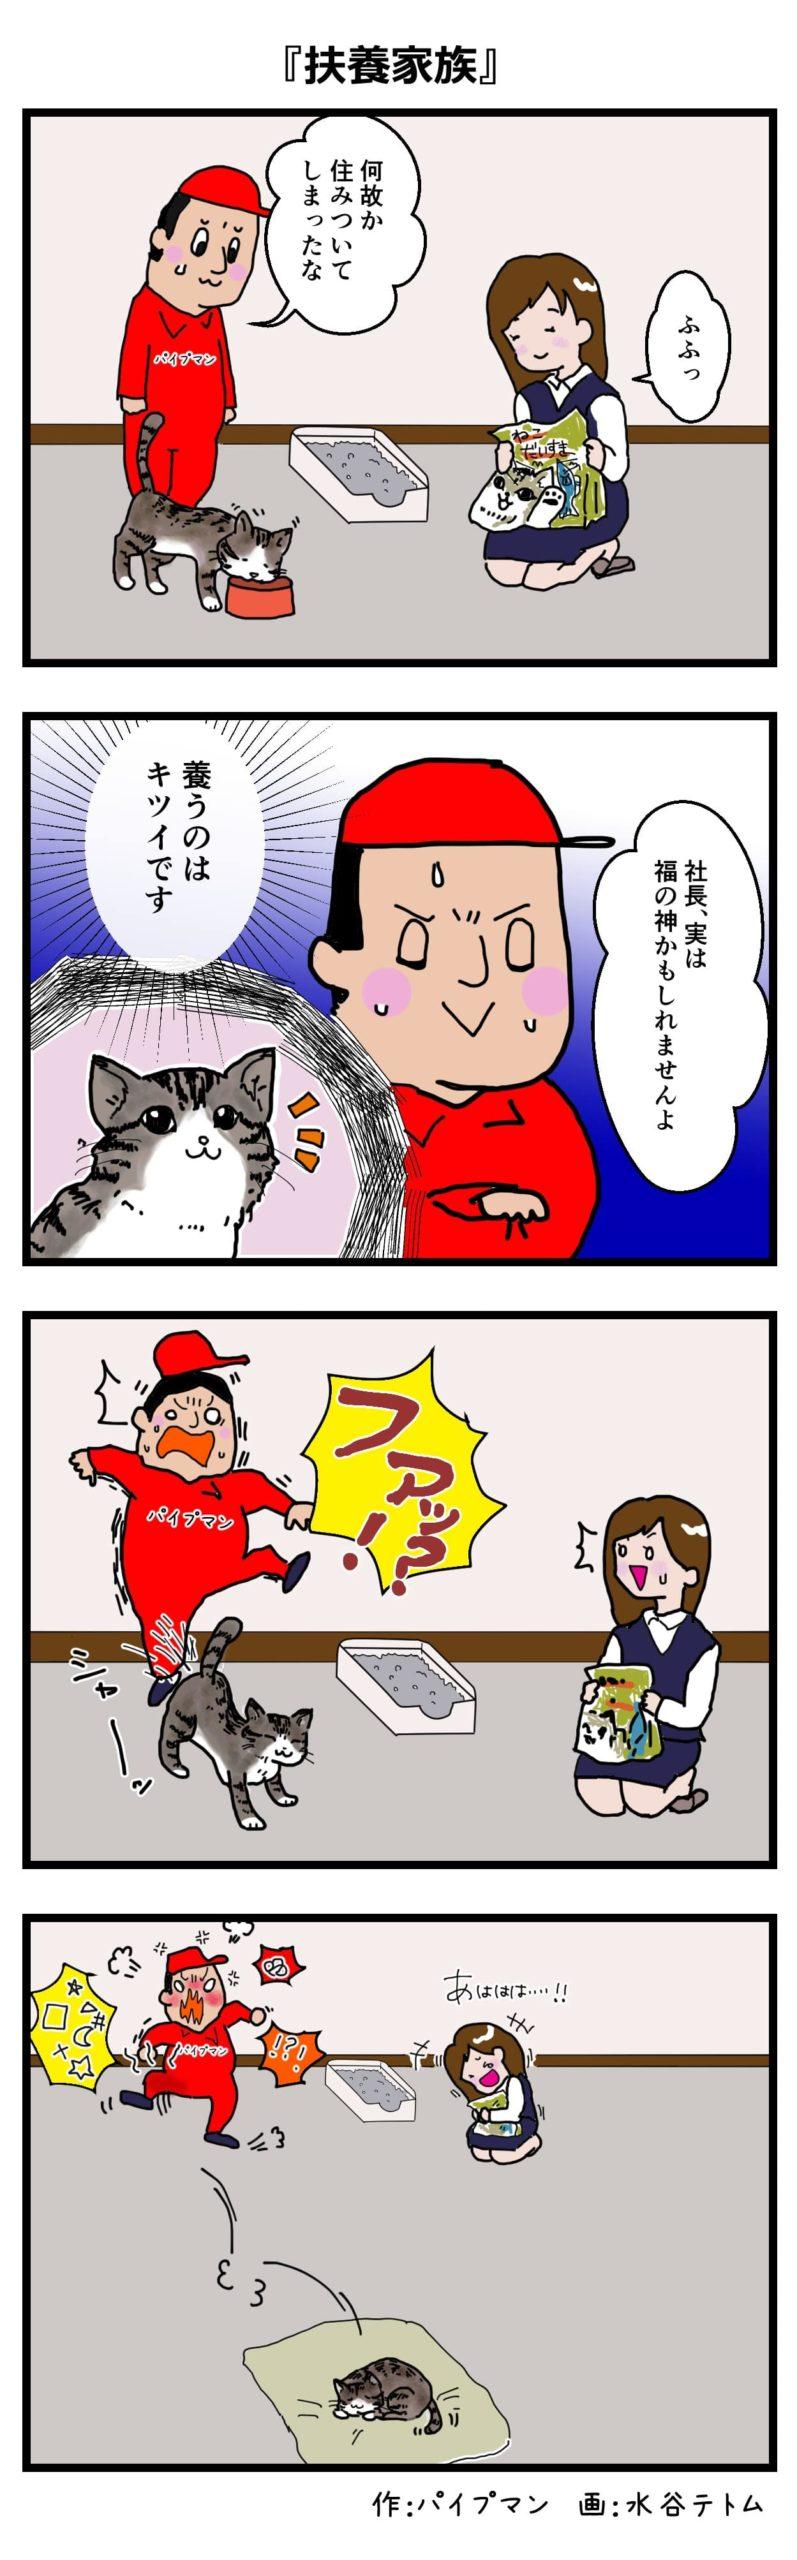 パイプマン漫画 第19話